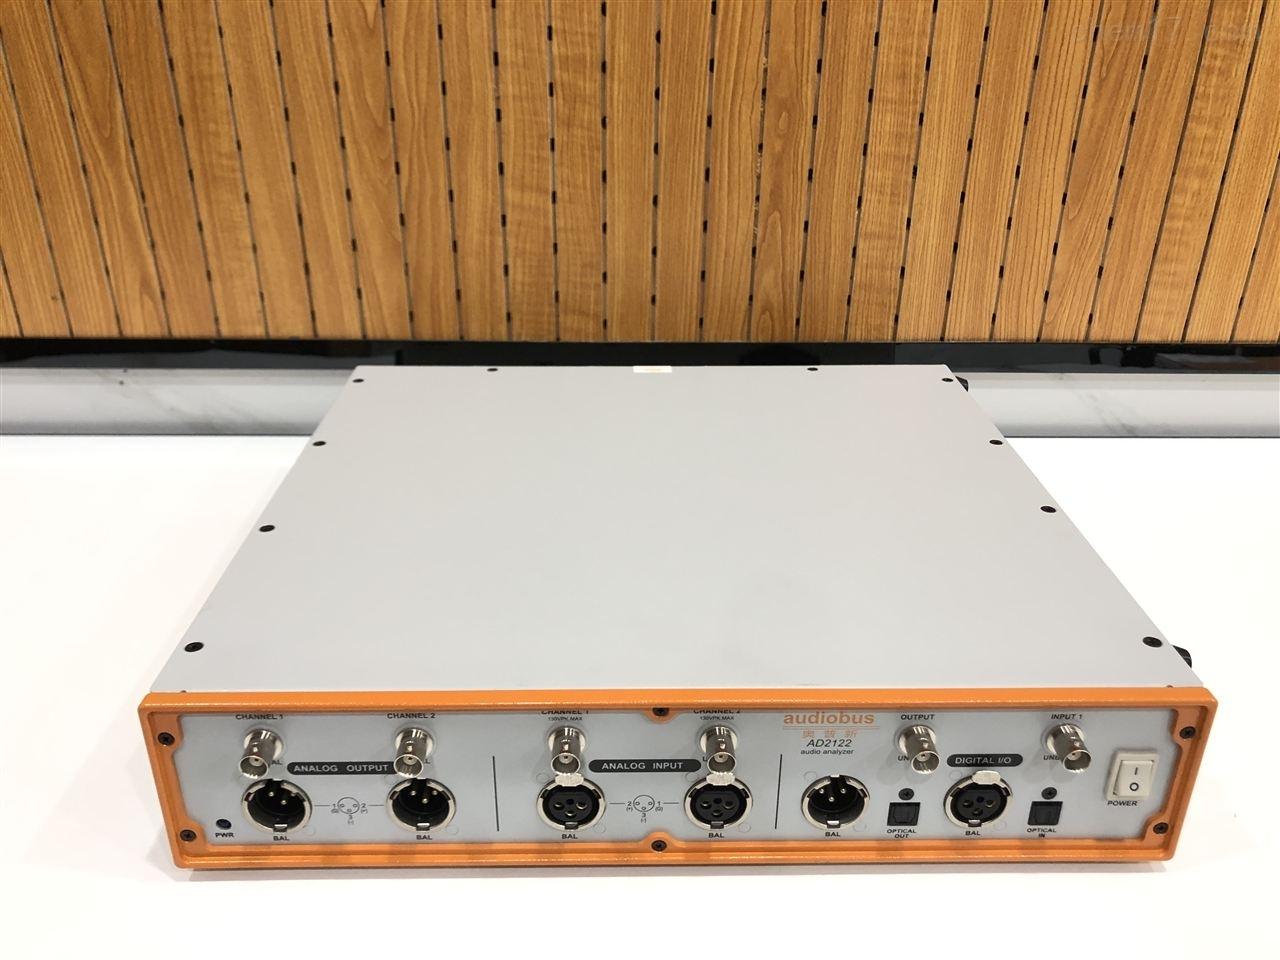 音频分析仪满足声学电声产测系统研发使用